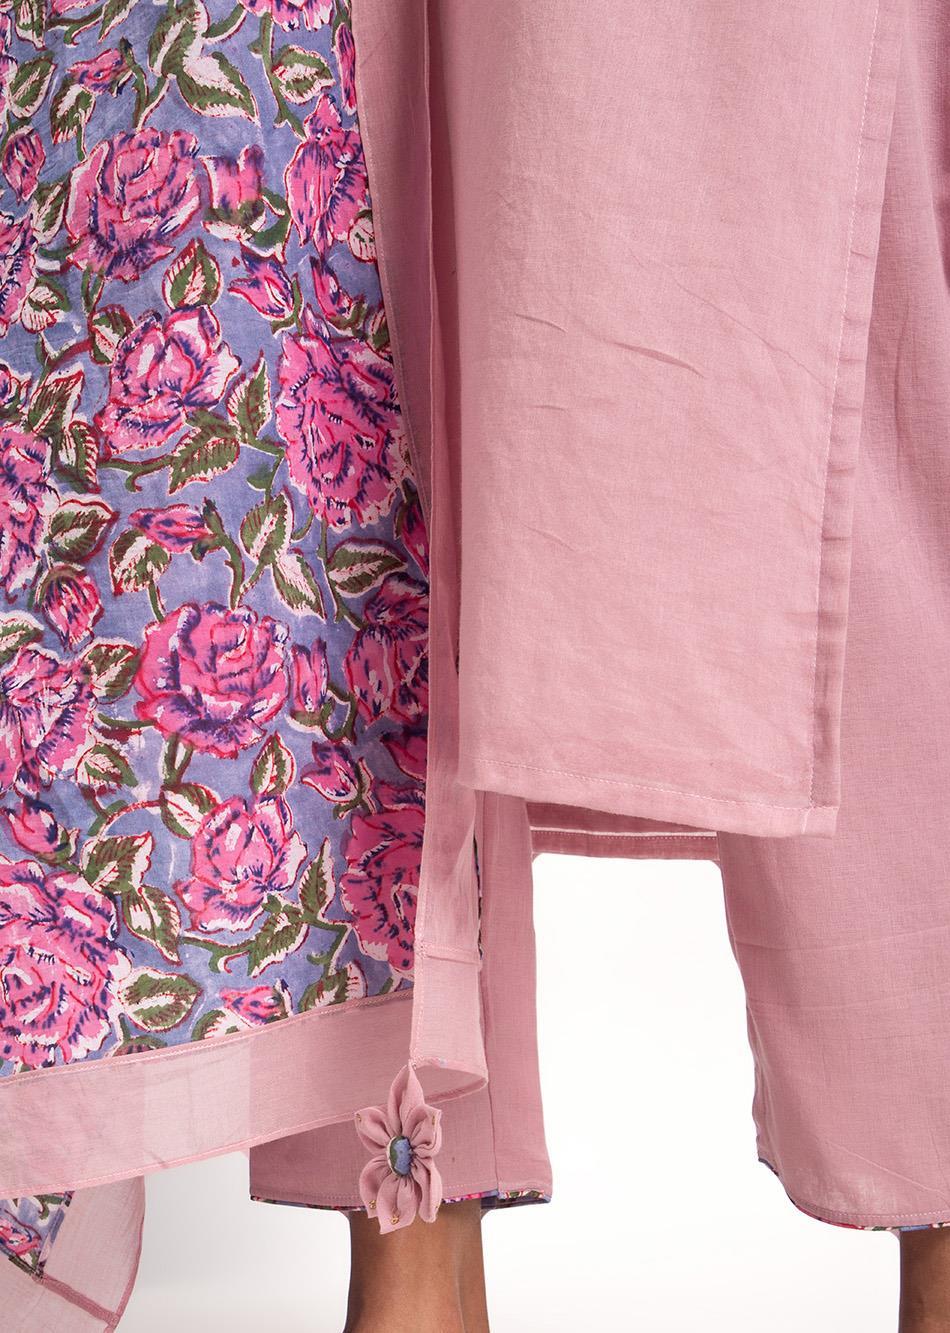 All Floral Dupatta By Jovi Fashion